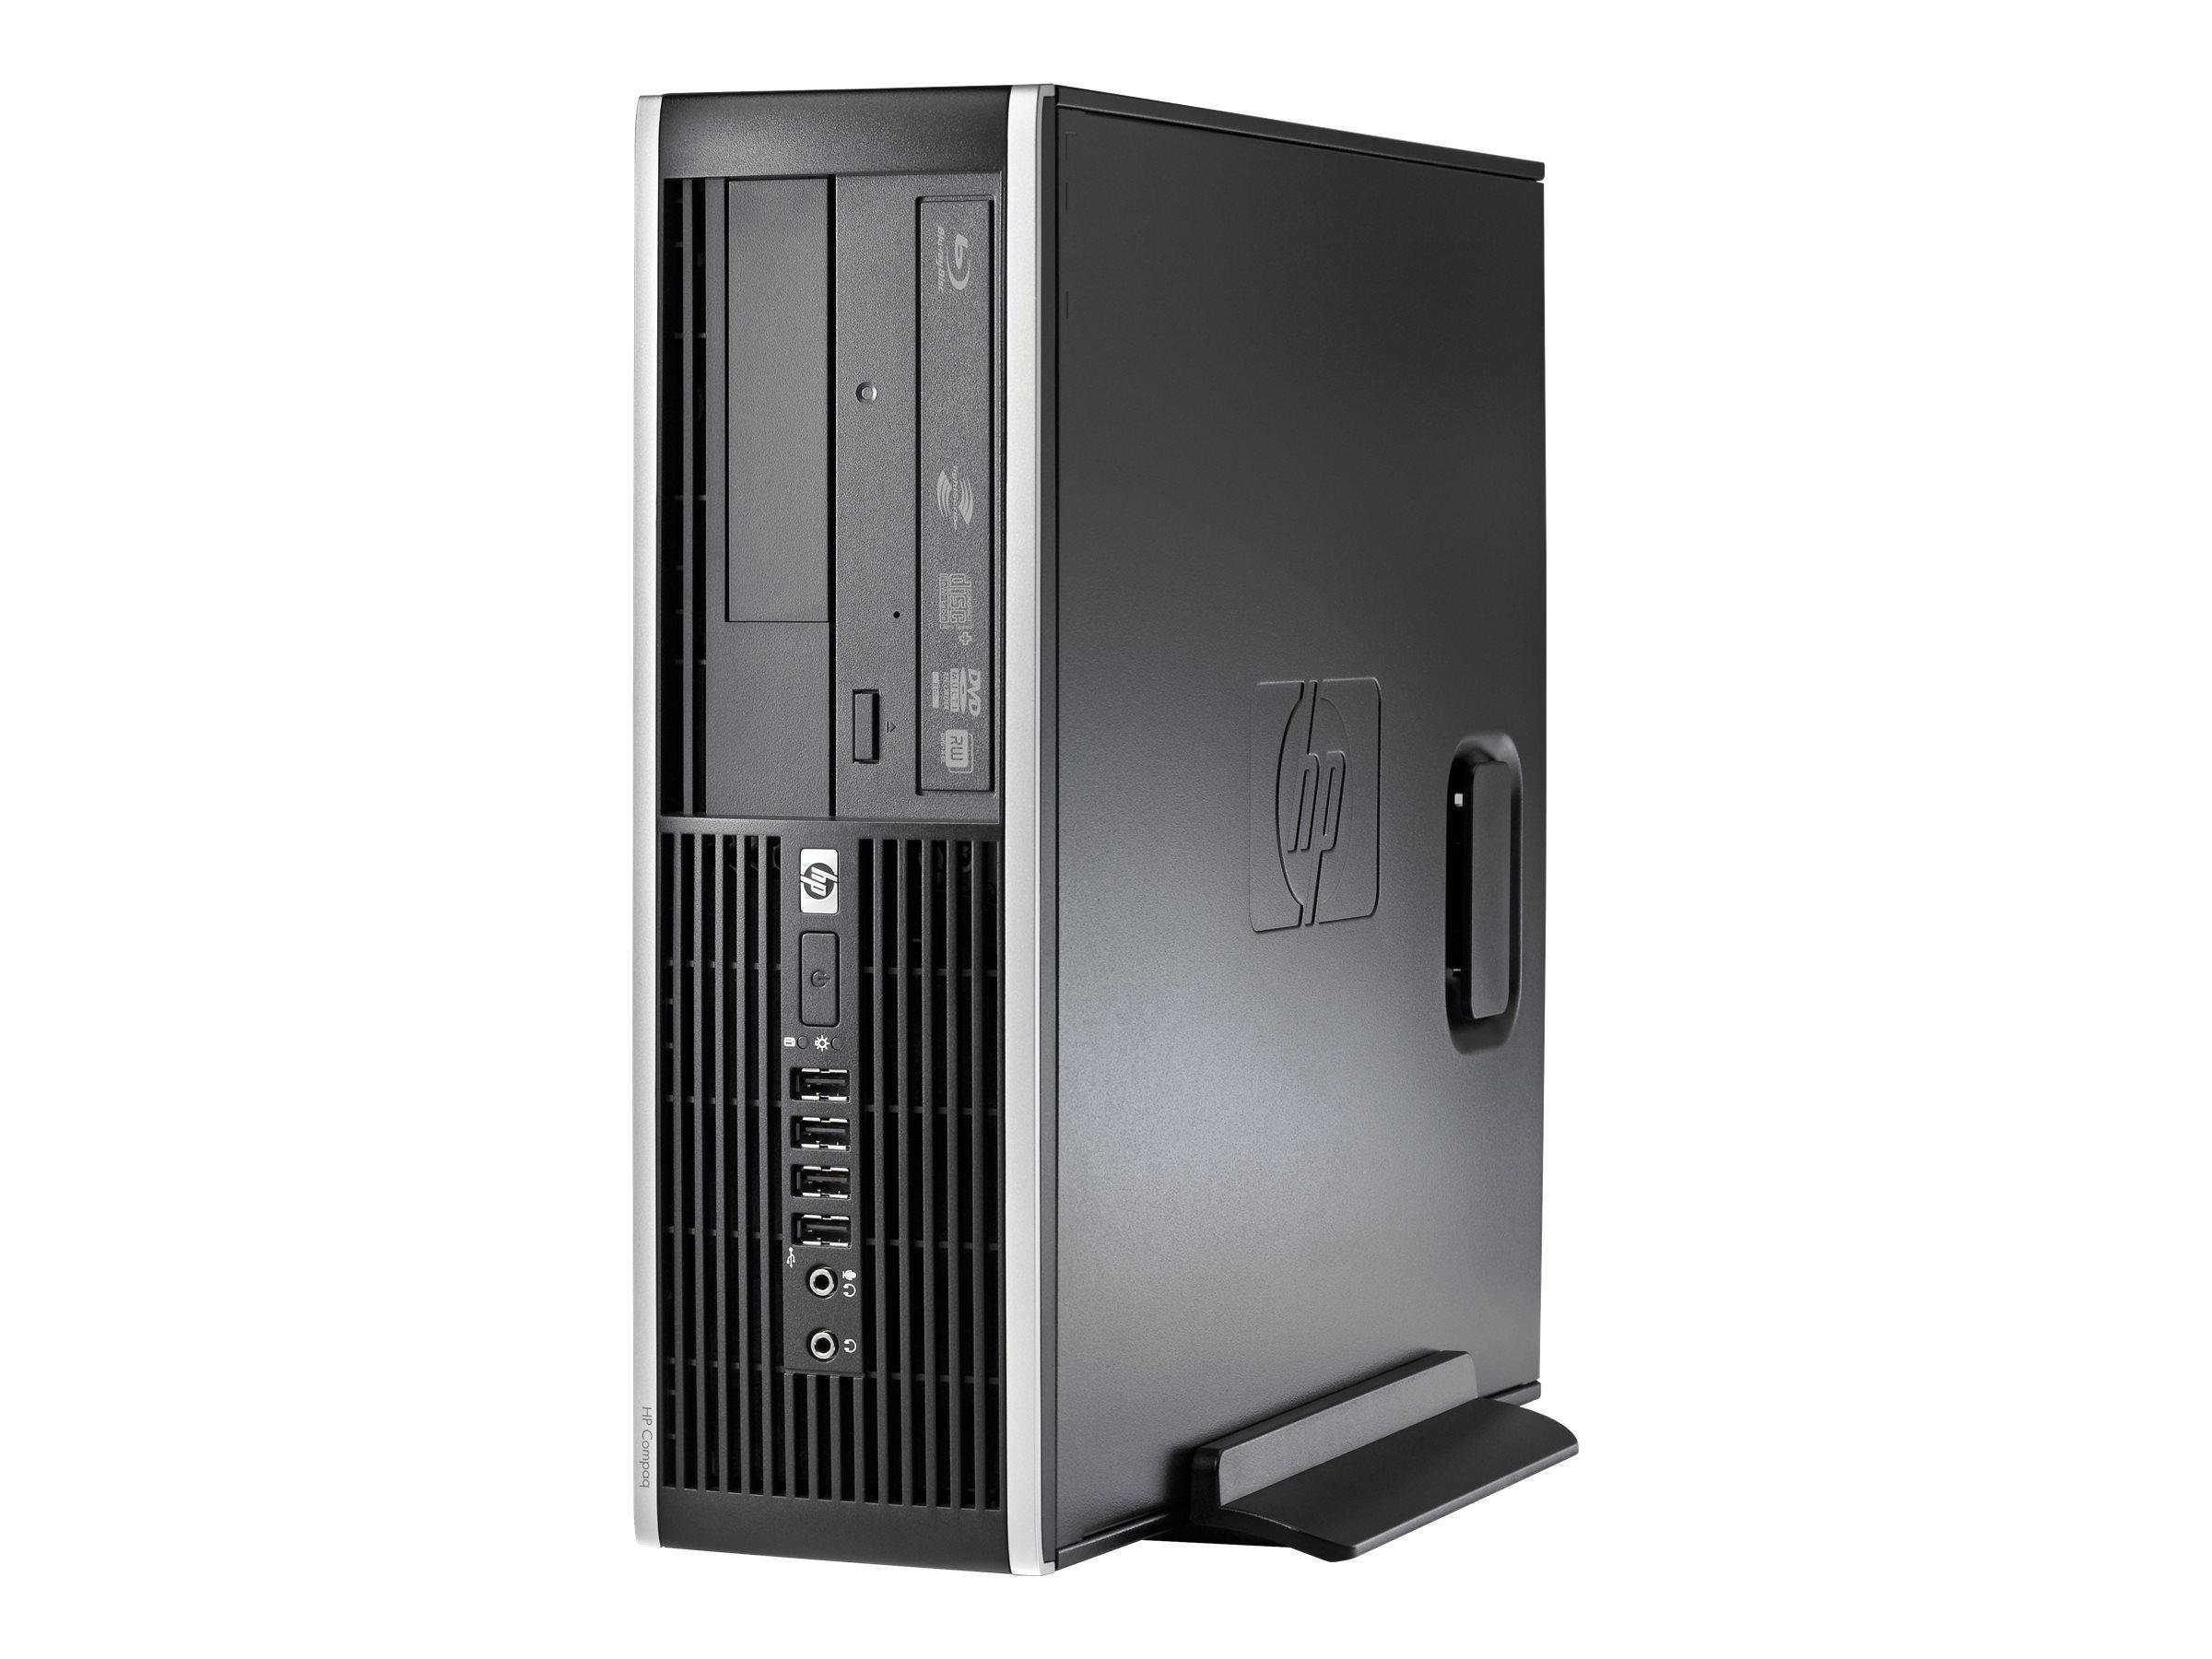 HP 8300 PRO - ordinateur de bureau reconditionné - SFF - Core i7 3770 3.4 GHz - 8 Go - 500 Go